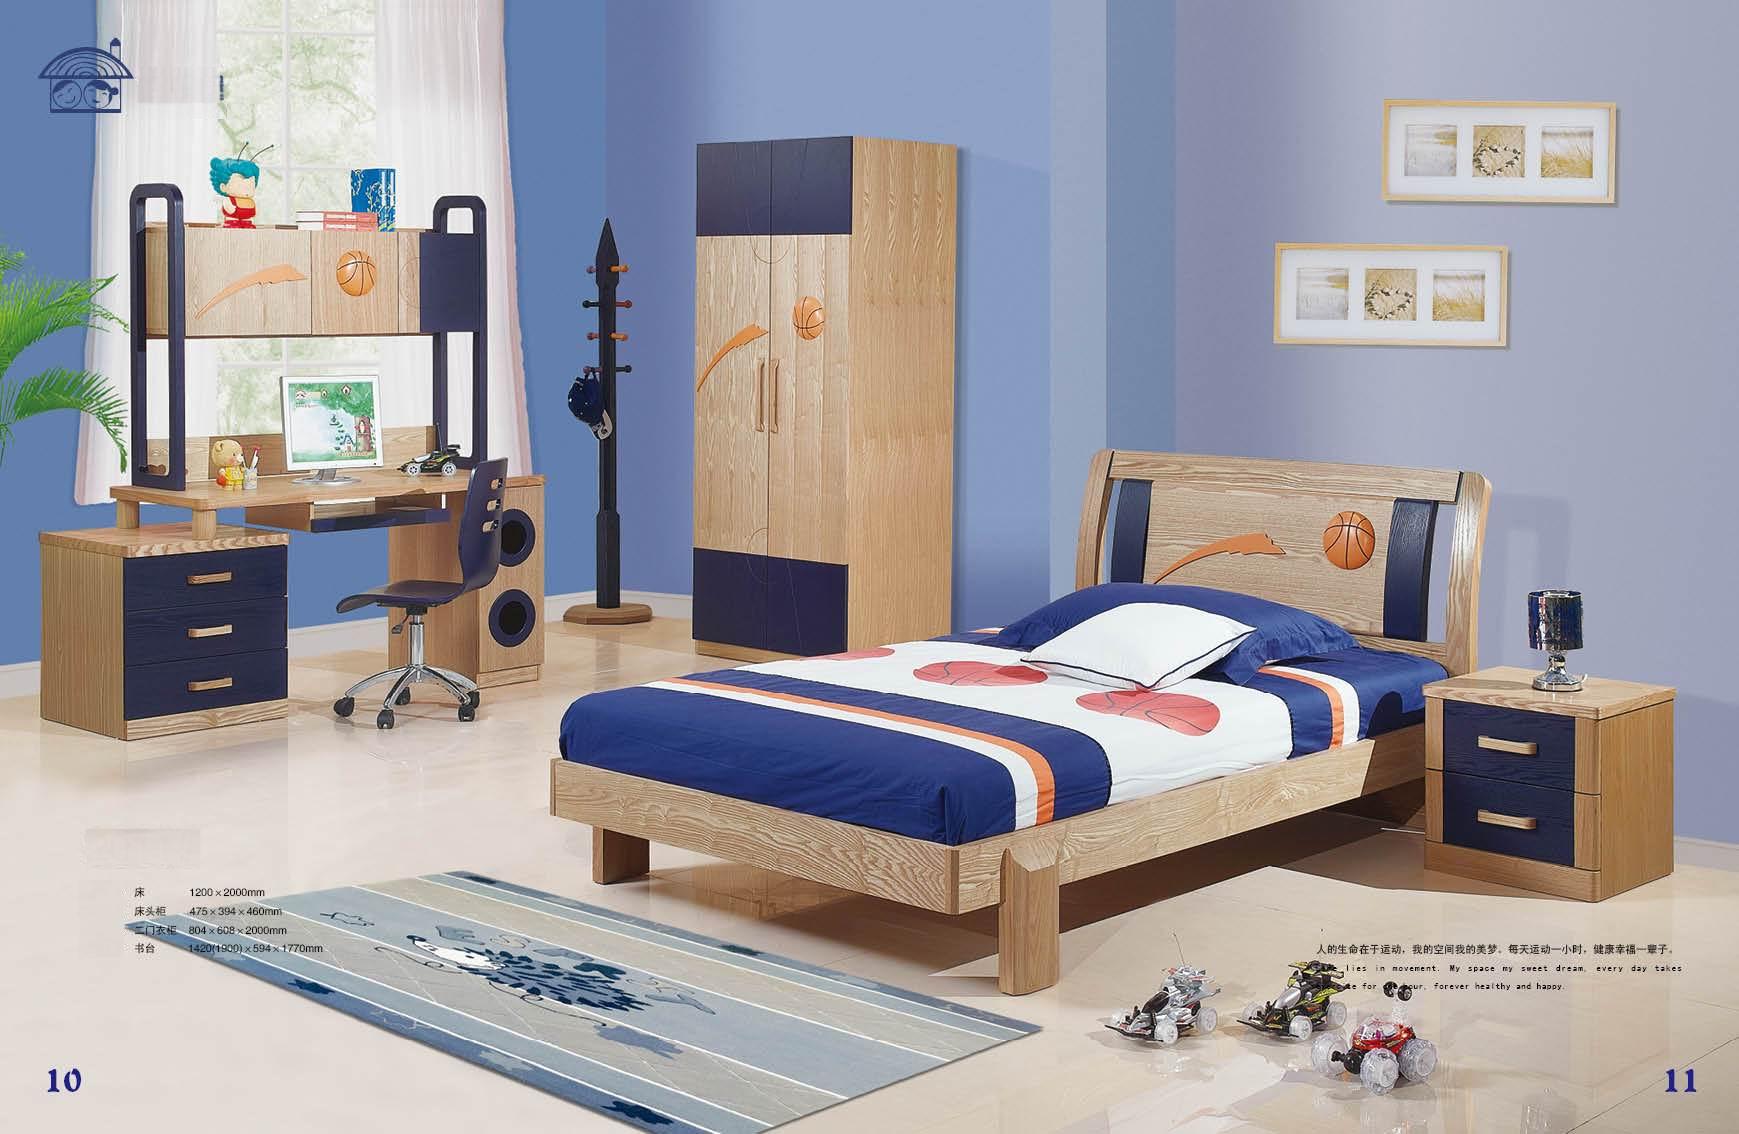 youth bedroom furniture | kids bedroom set (jkd-20120#) - china kids HJMTEKG